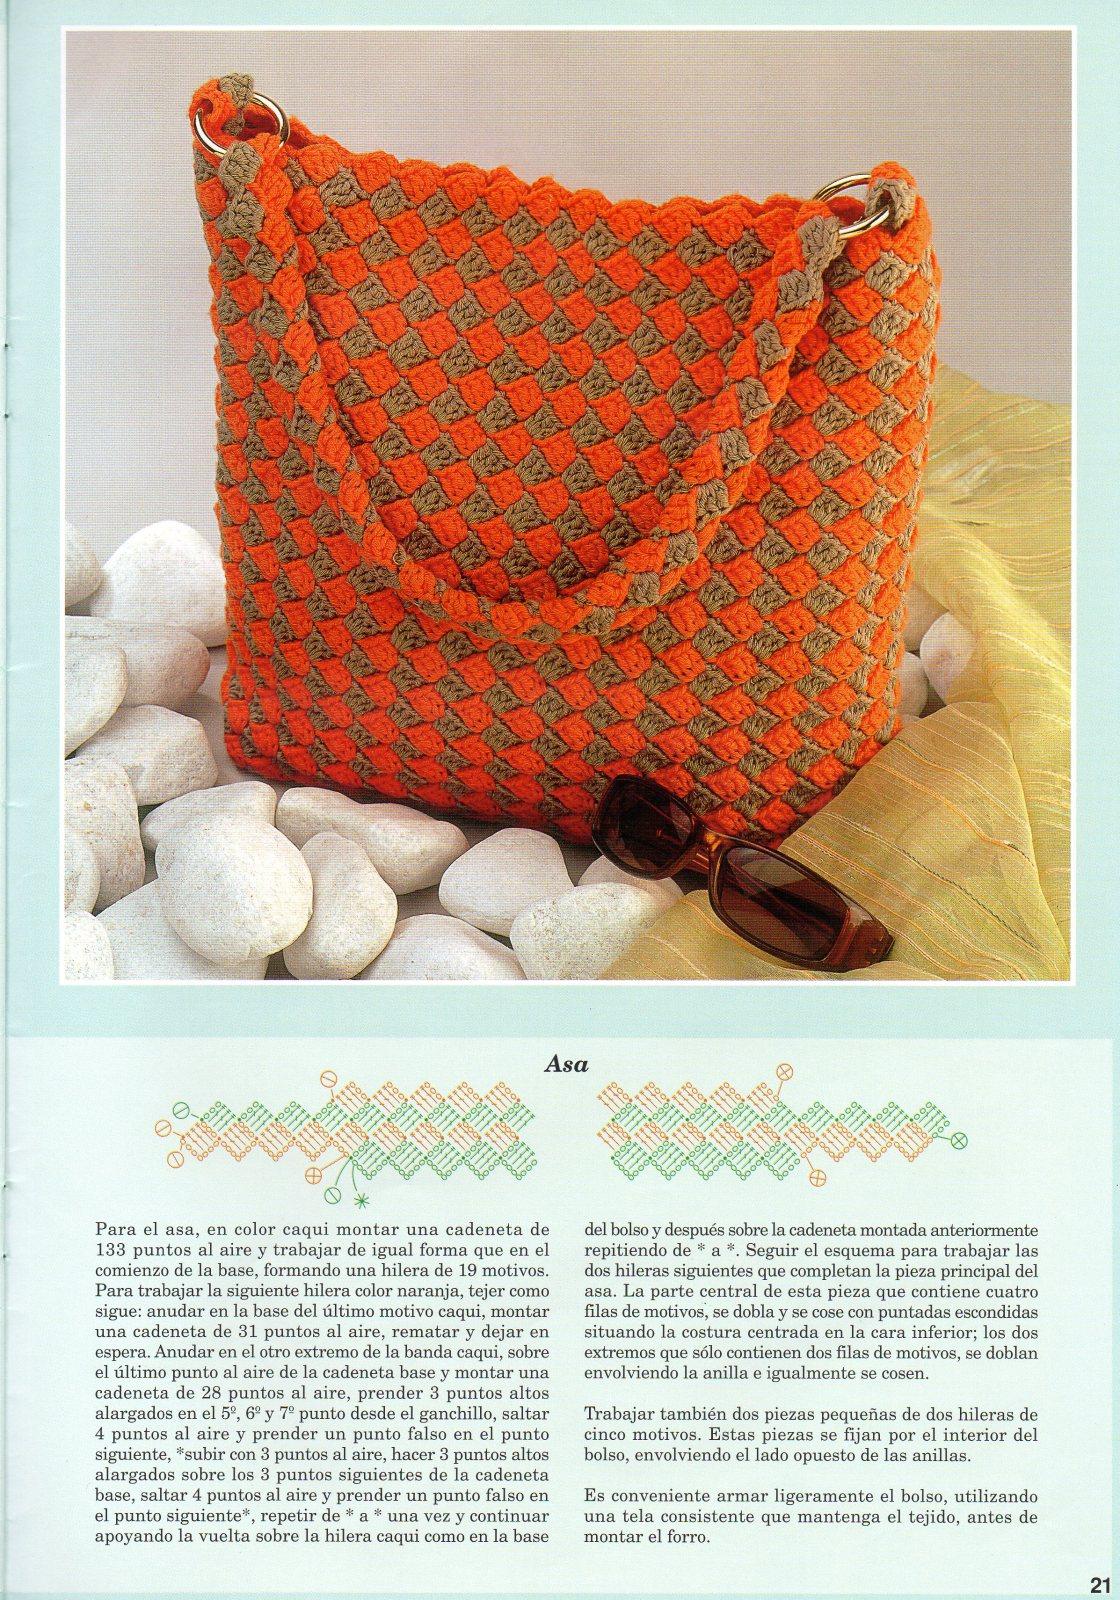 patrones - patrones de bolsos 2wfo0vk